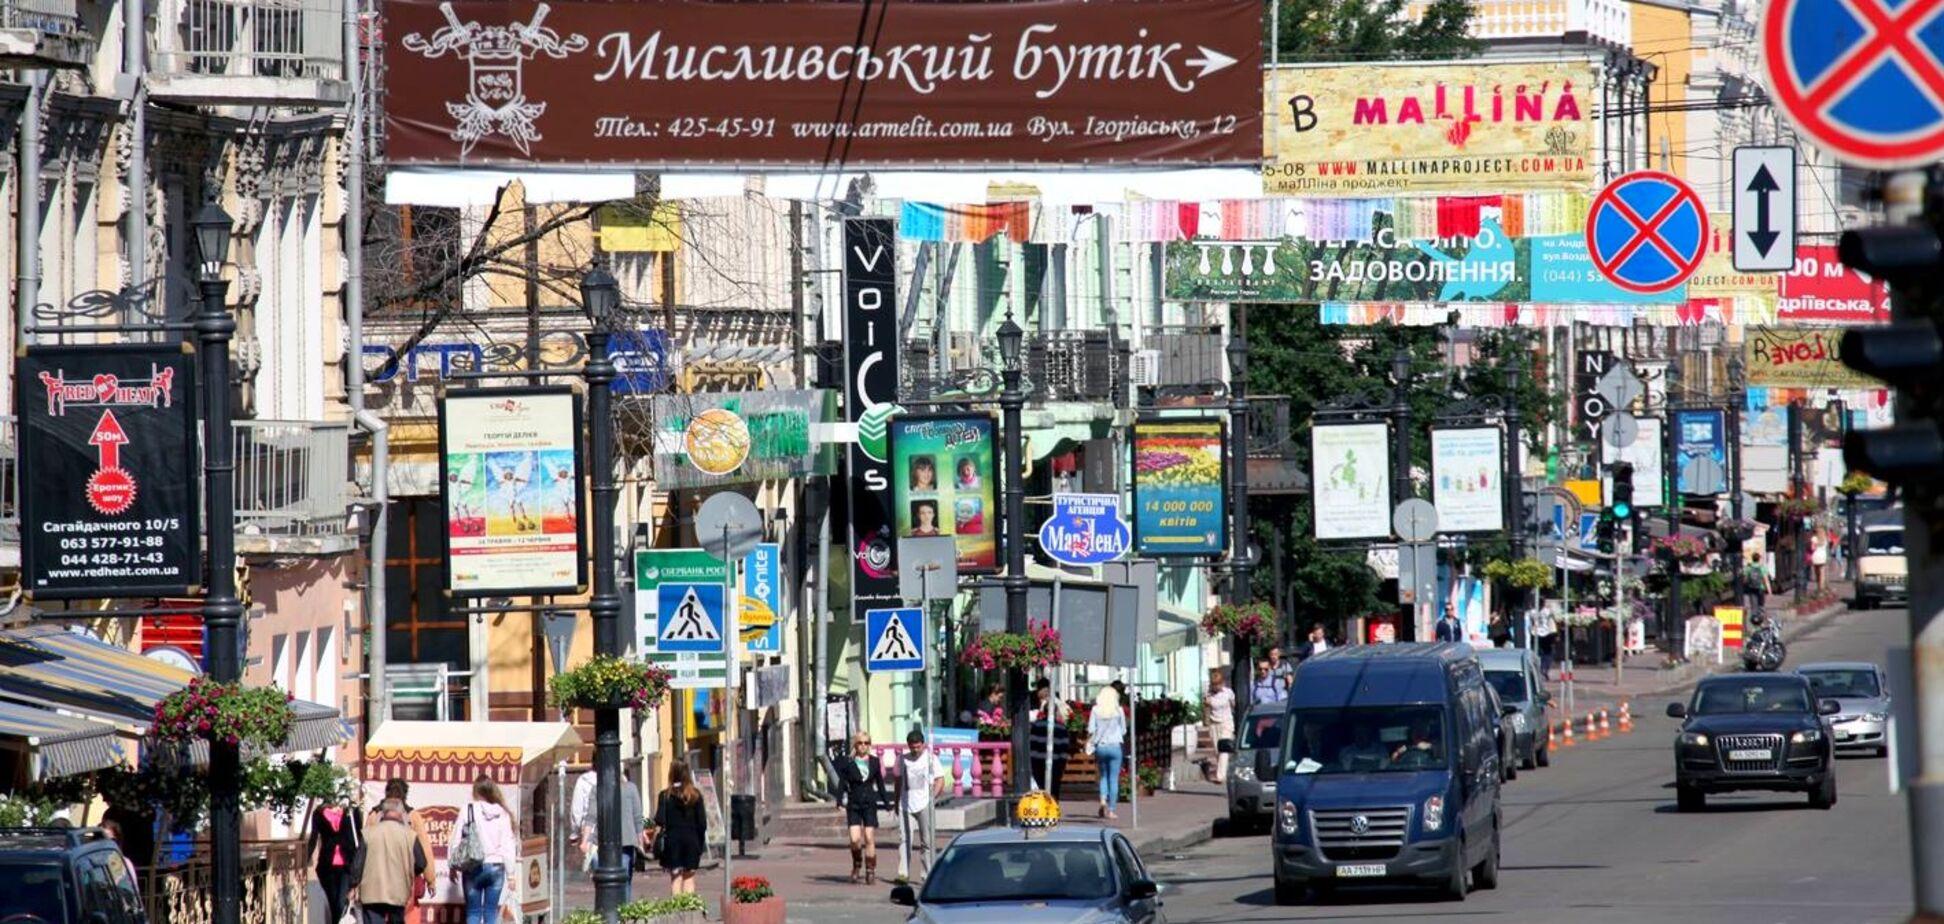 В Украине запретили рекламу на фонарях: что это дает